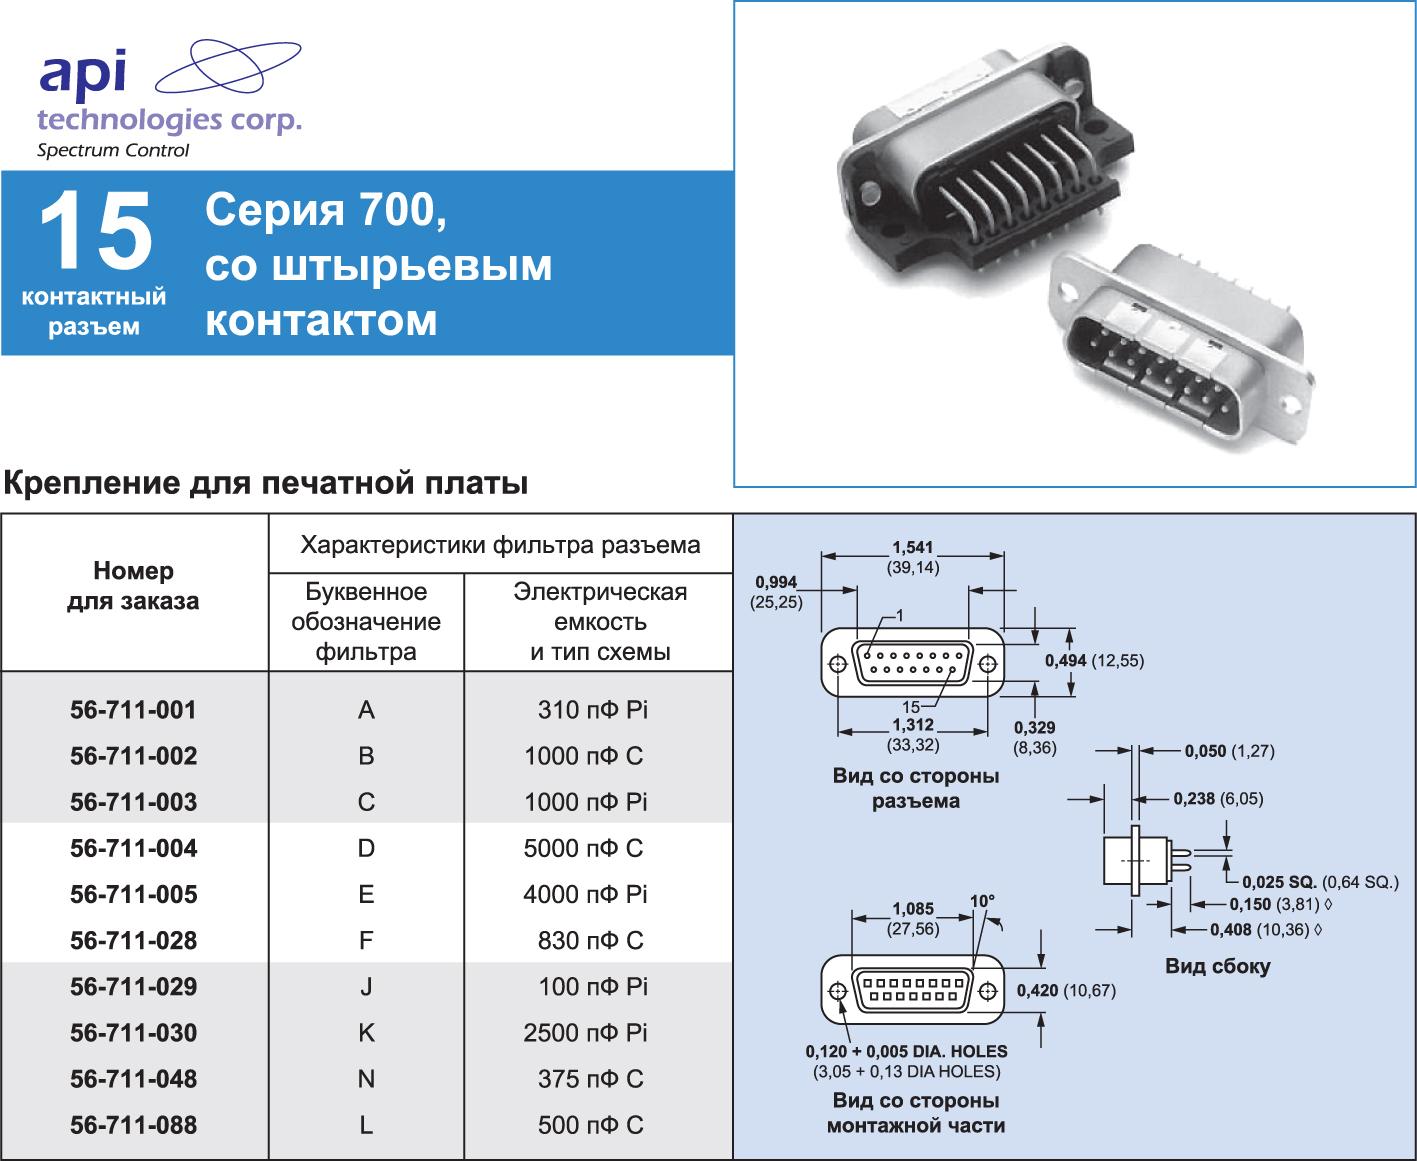 Пример номера для заказа фильтрующего разъема D-SUB и его габаритные размеры